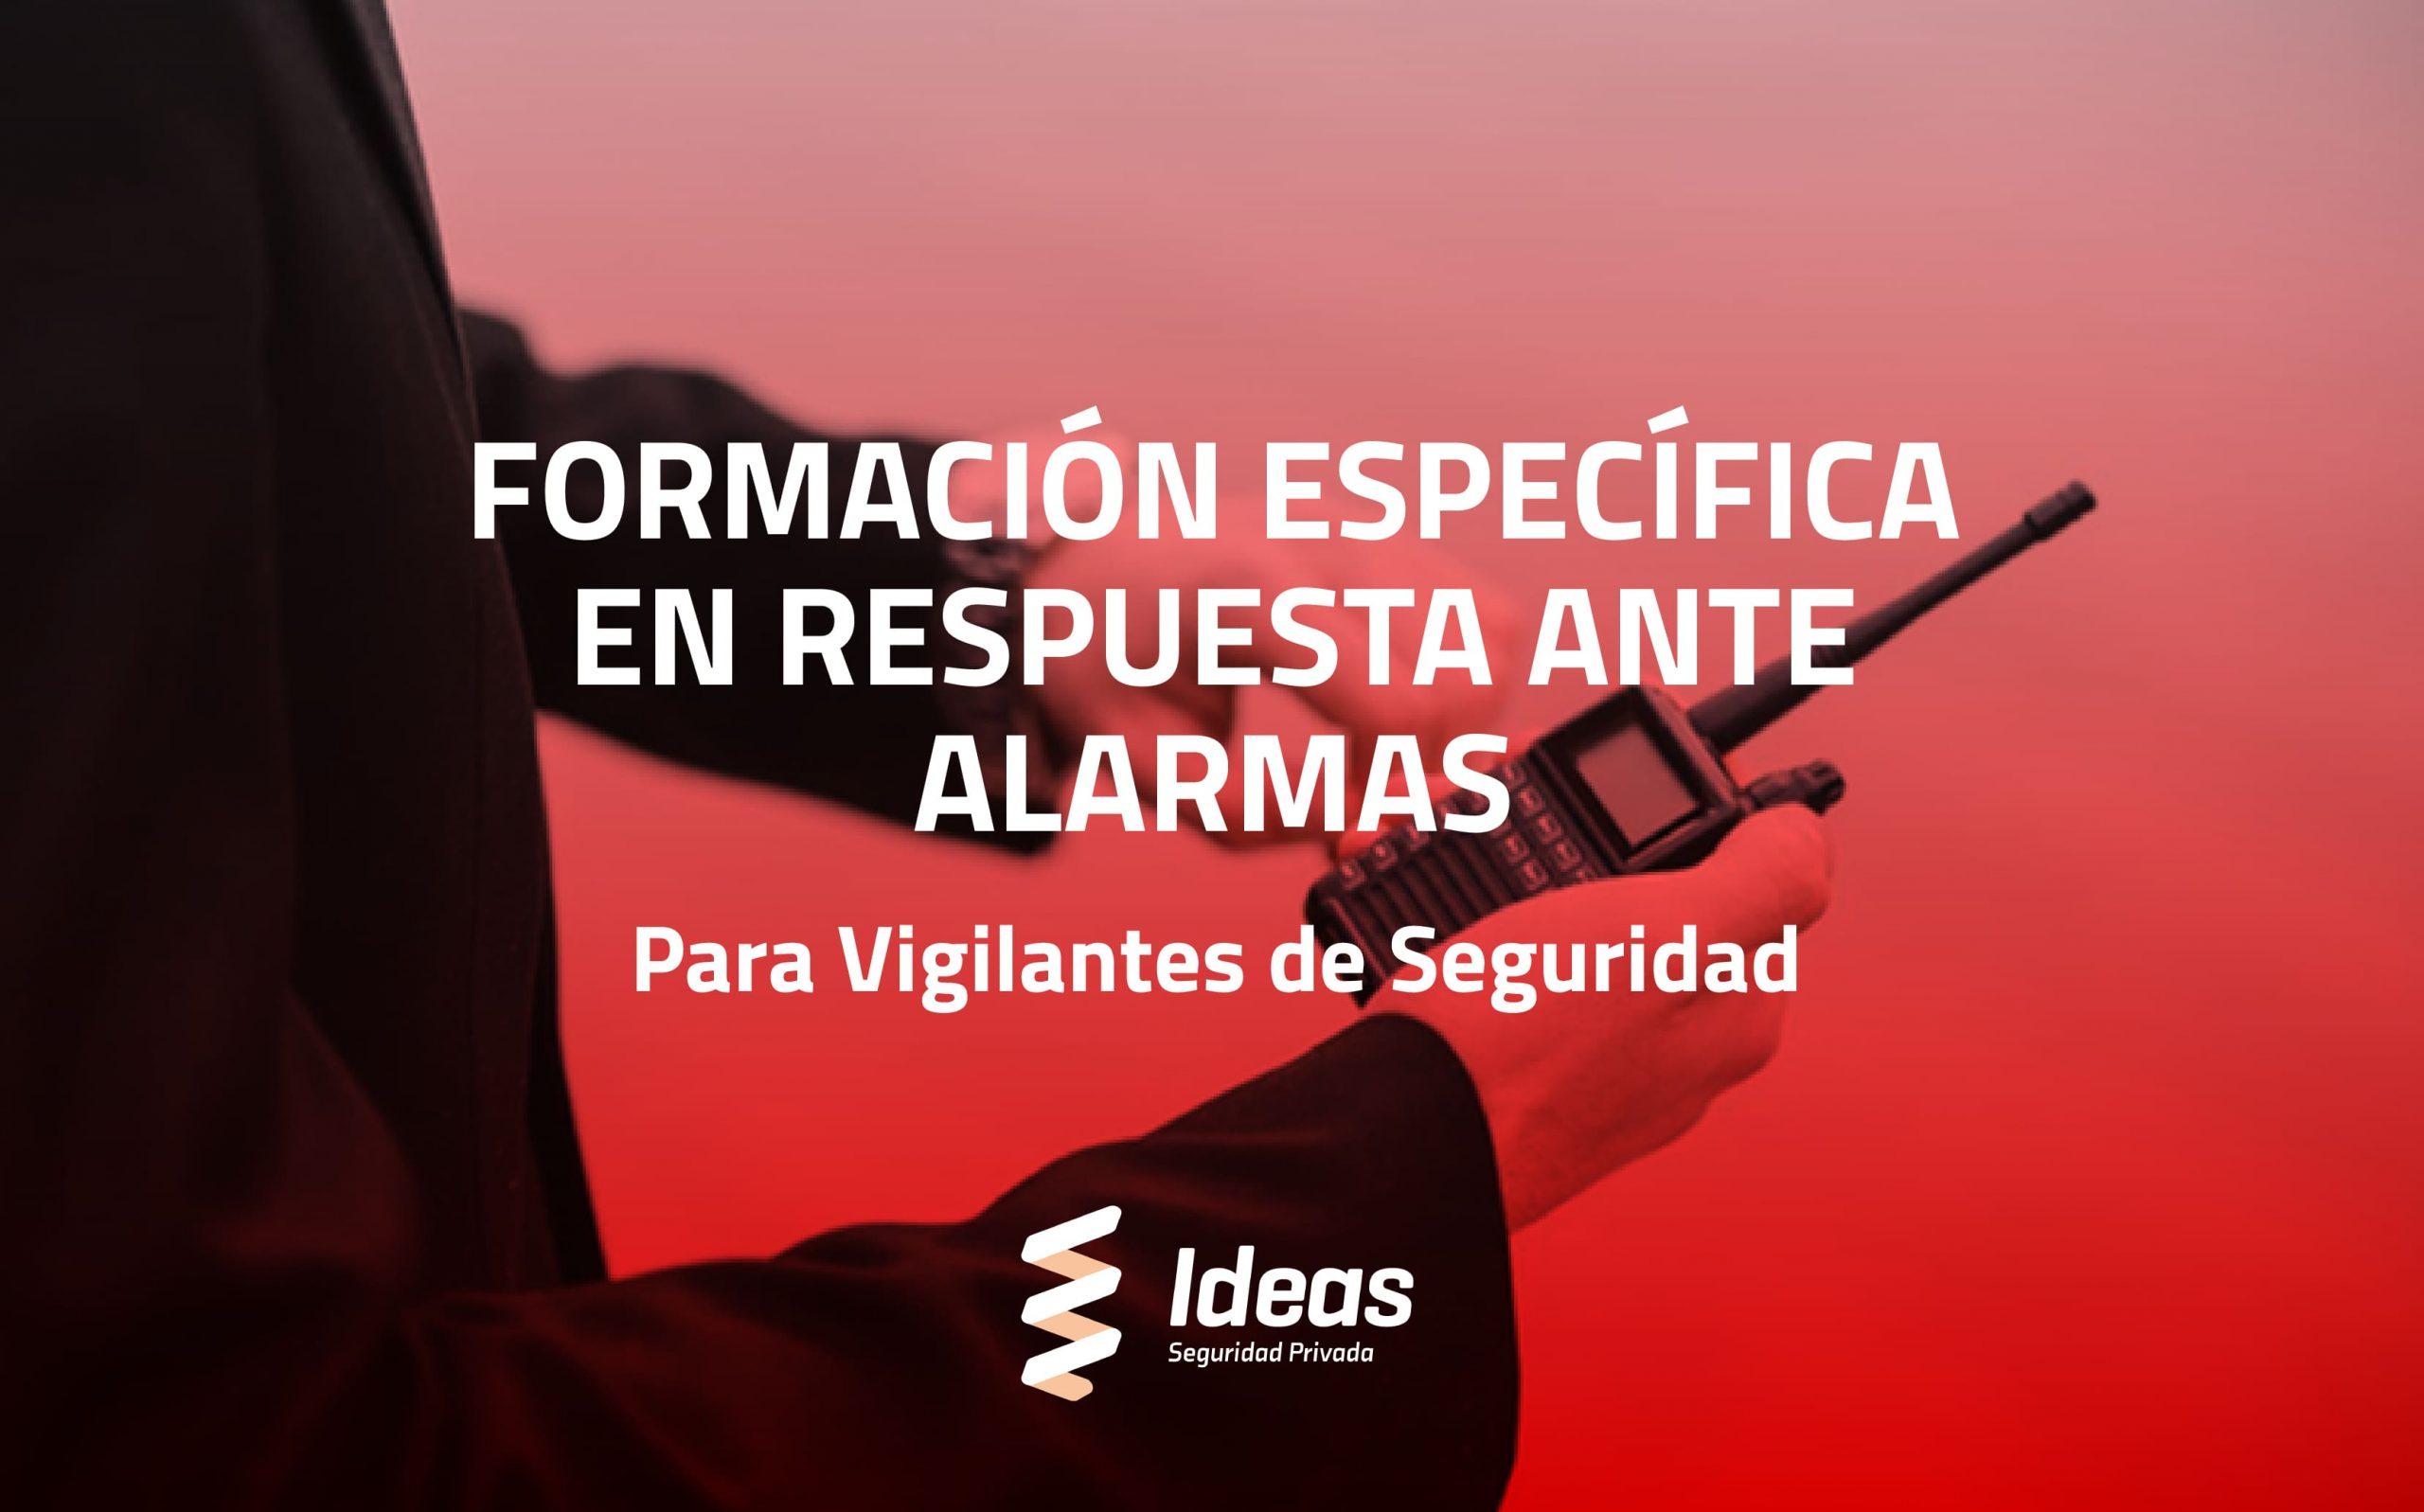 Formación específica en respuesta ante alarmas para Vigilante de Seguridad con Ideas Seguridad Privada